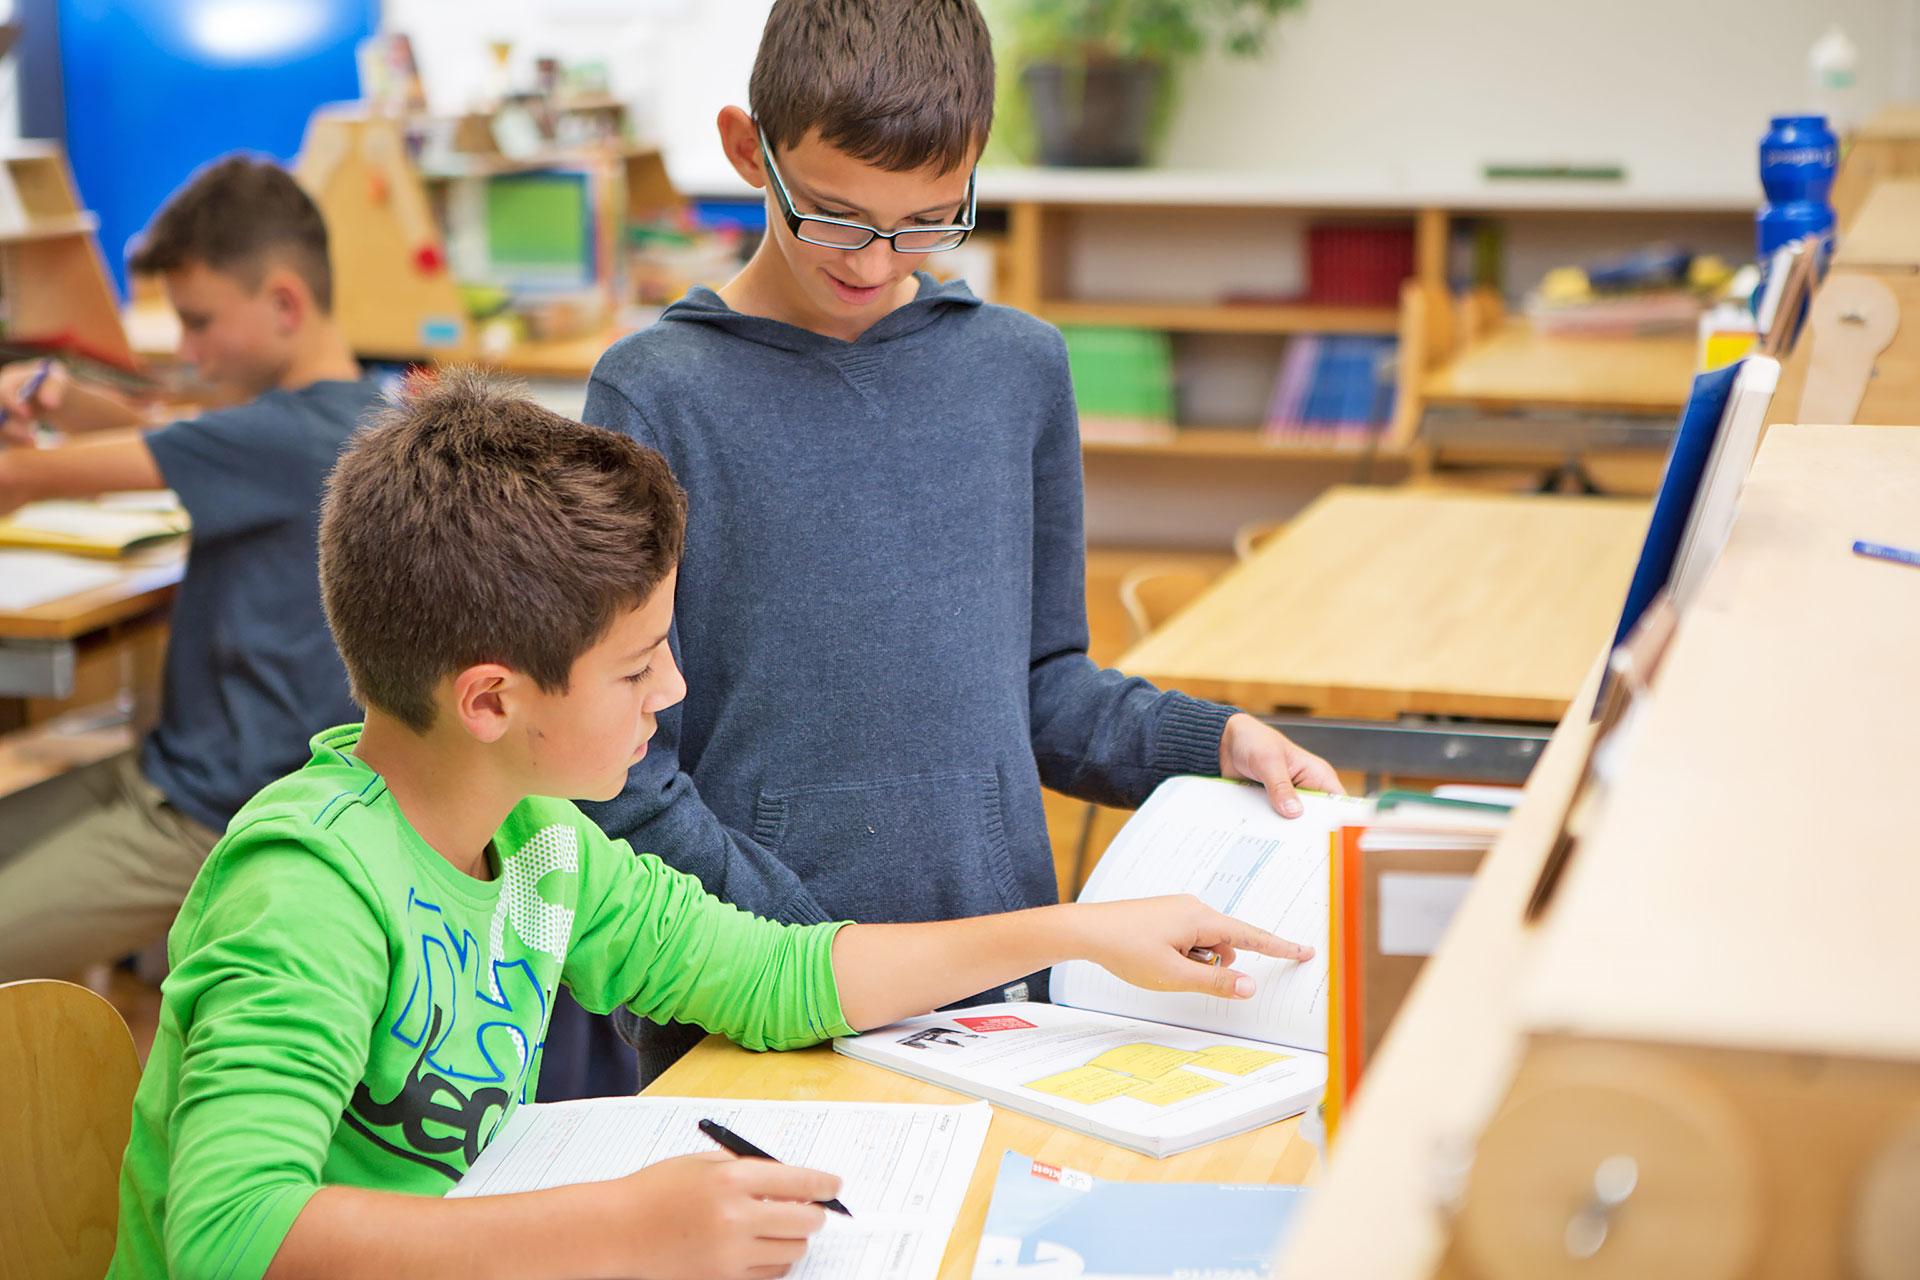 zwei Schüler besprechen Aufgaben an einem persönlichen Arbeitsplatz in einer Lernlandschaft